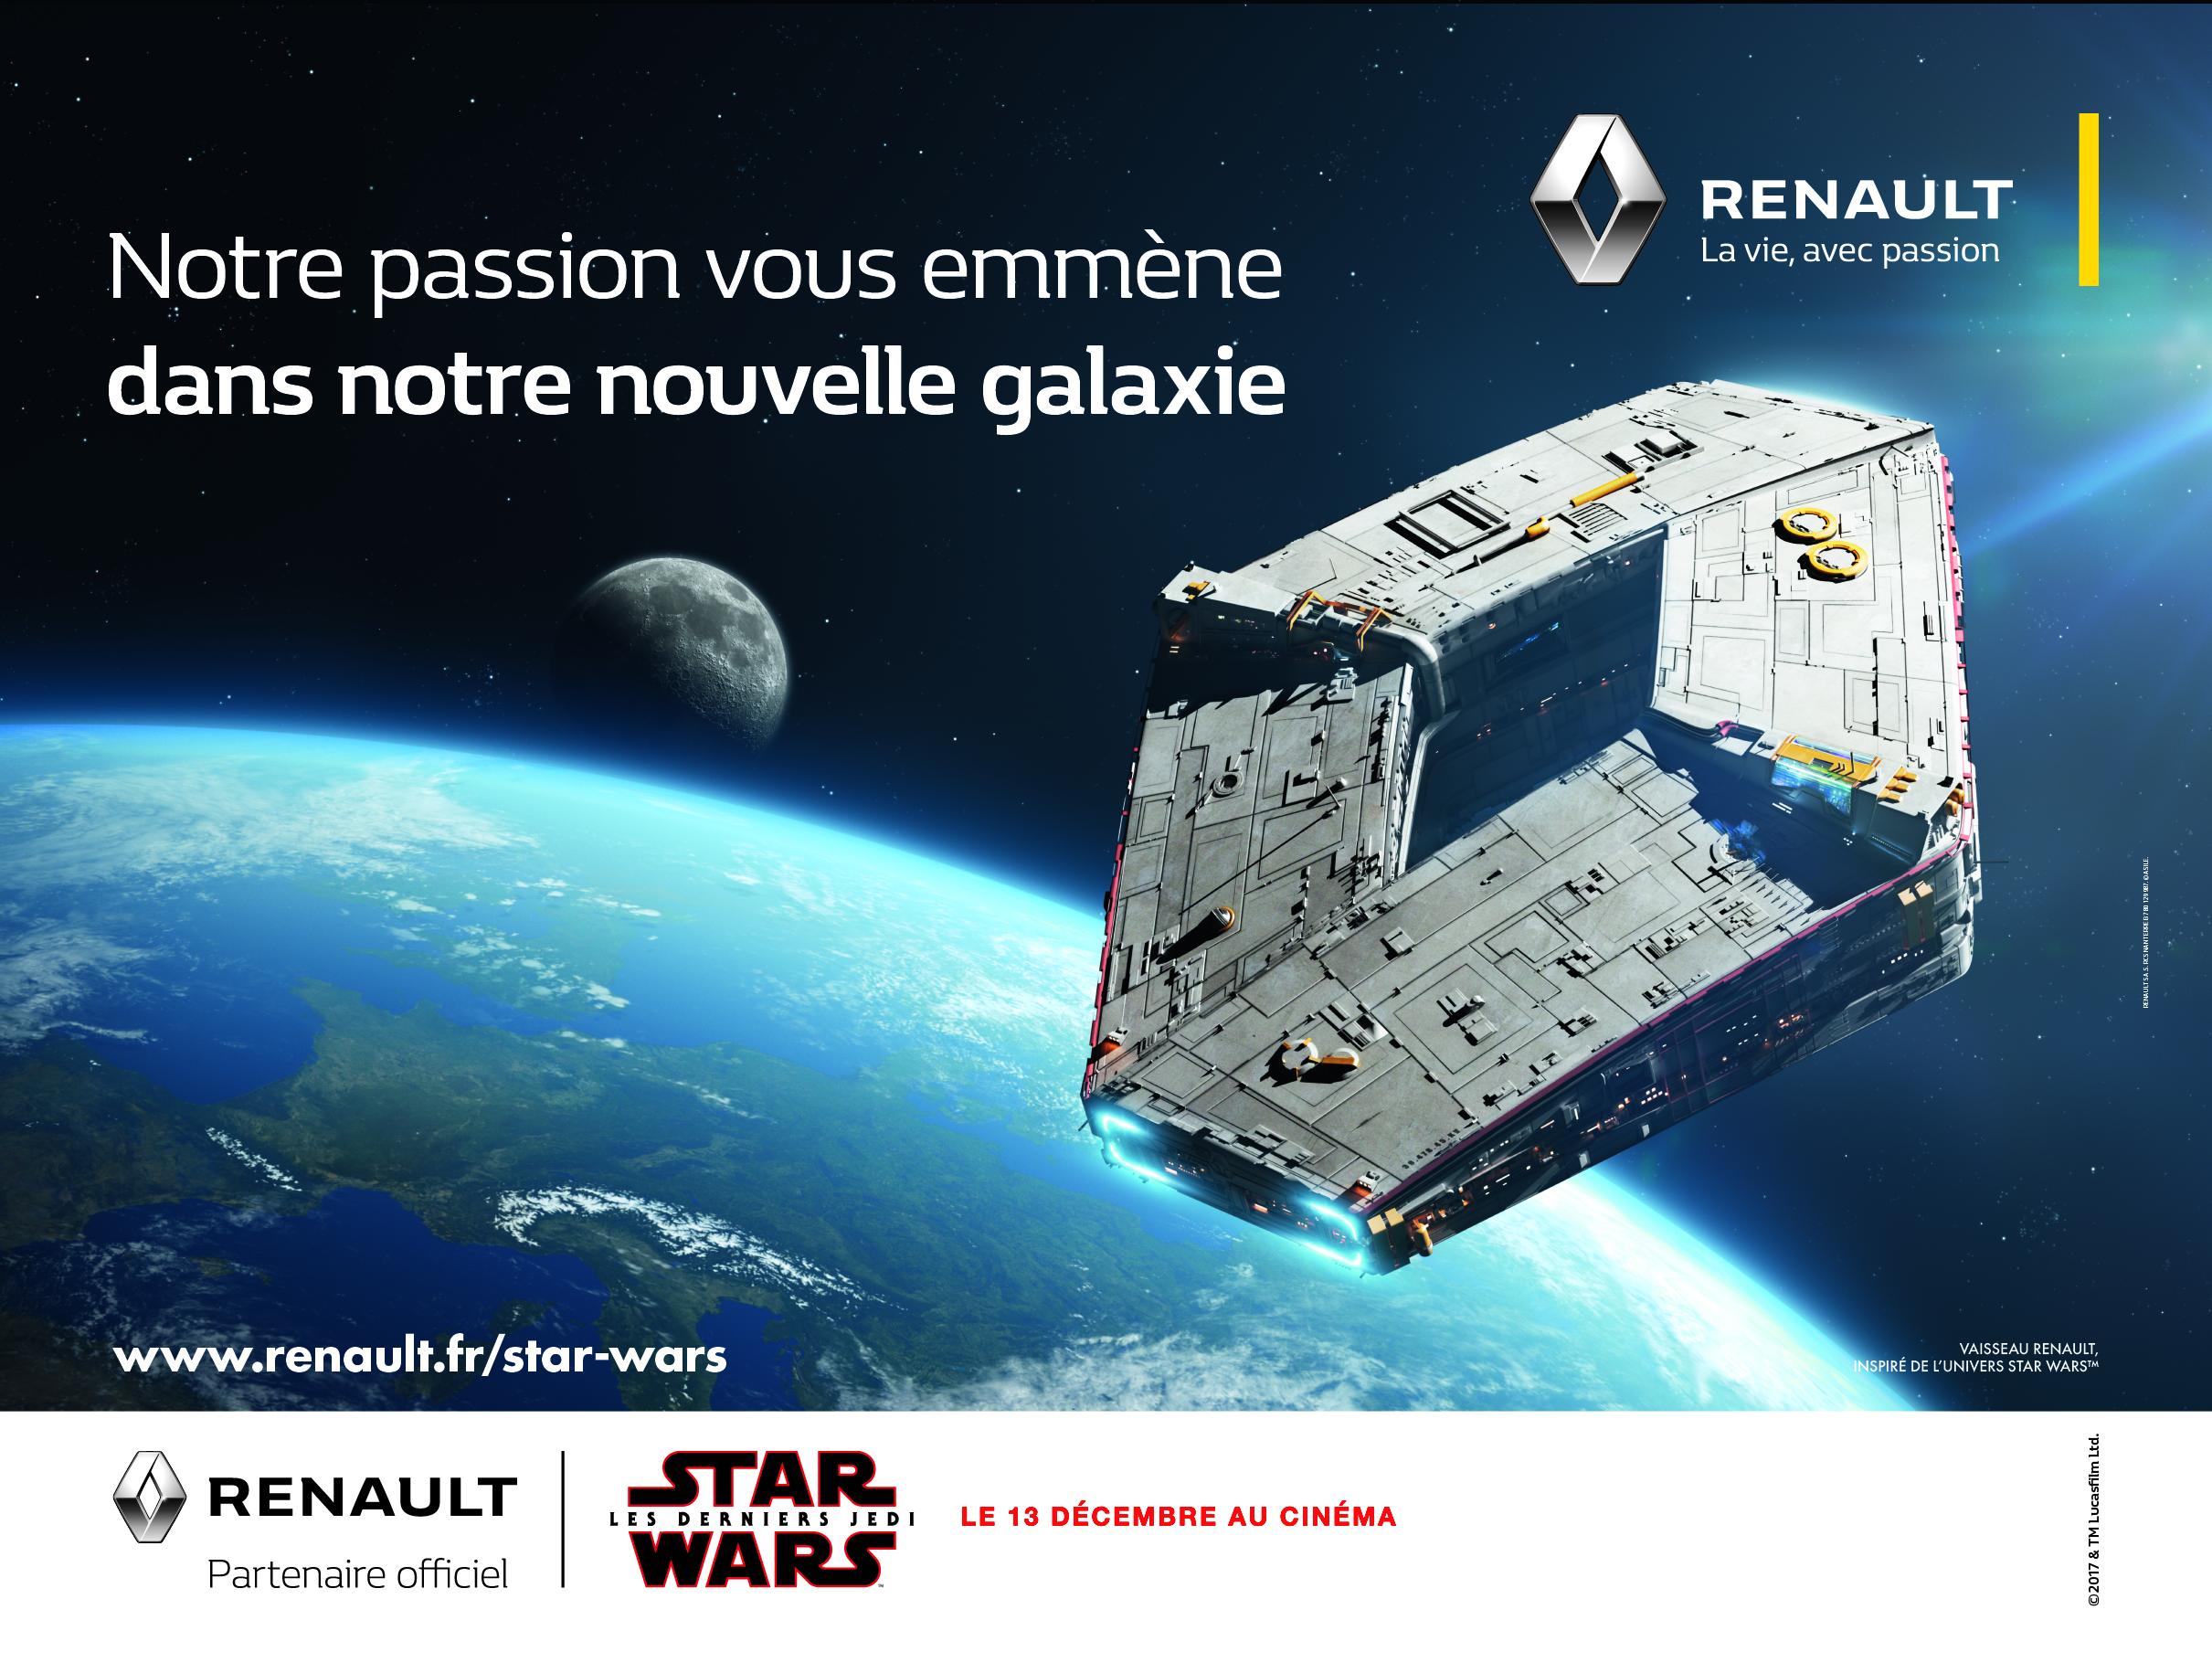 Renault i Ratovi zvijezda